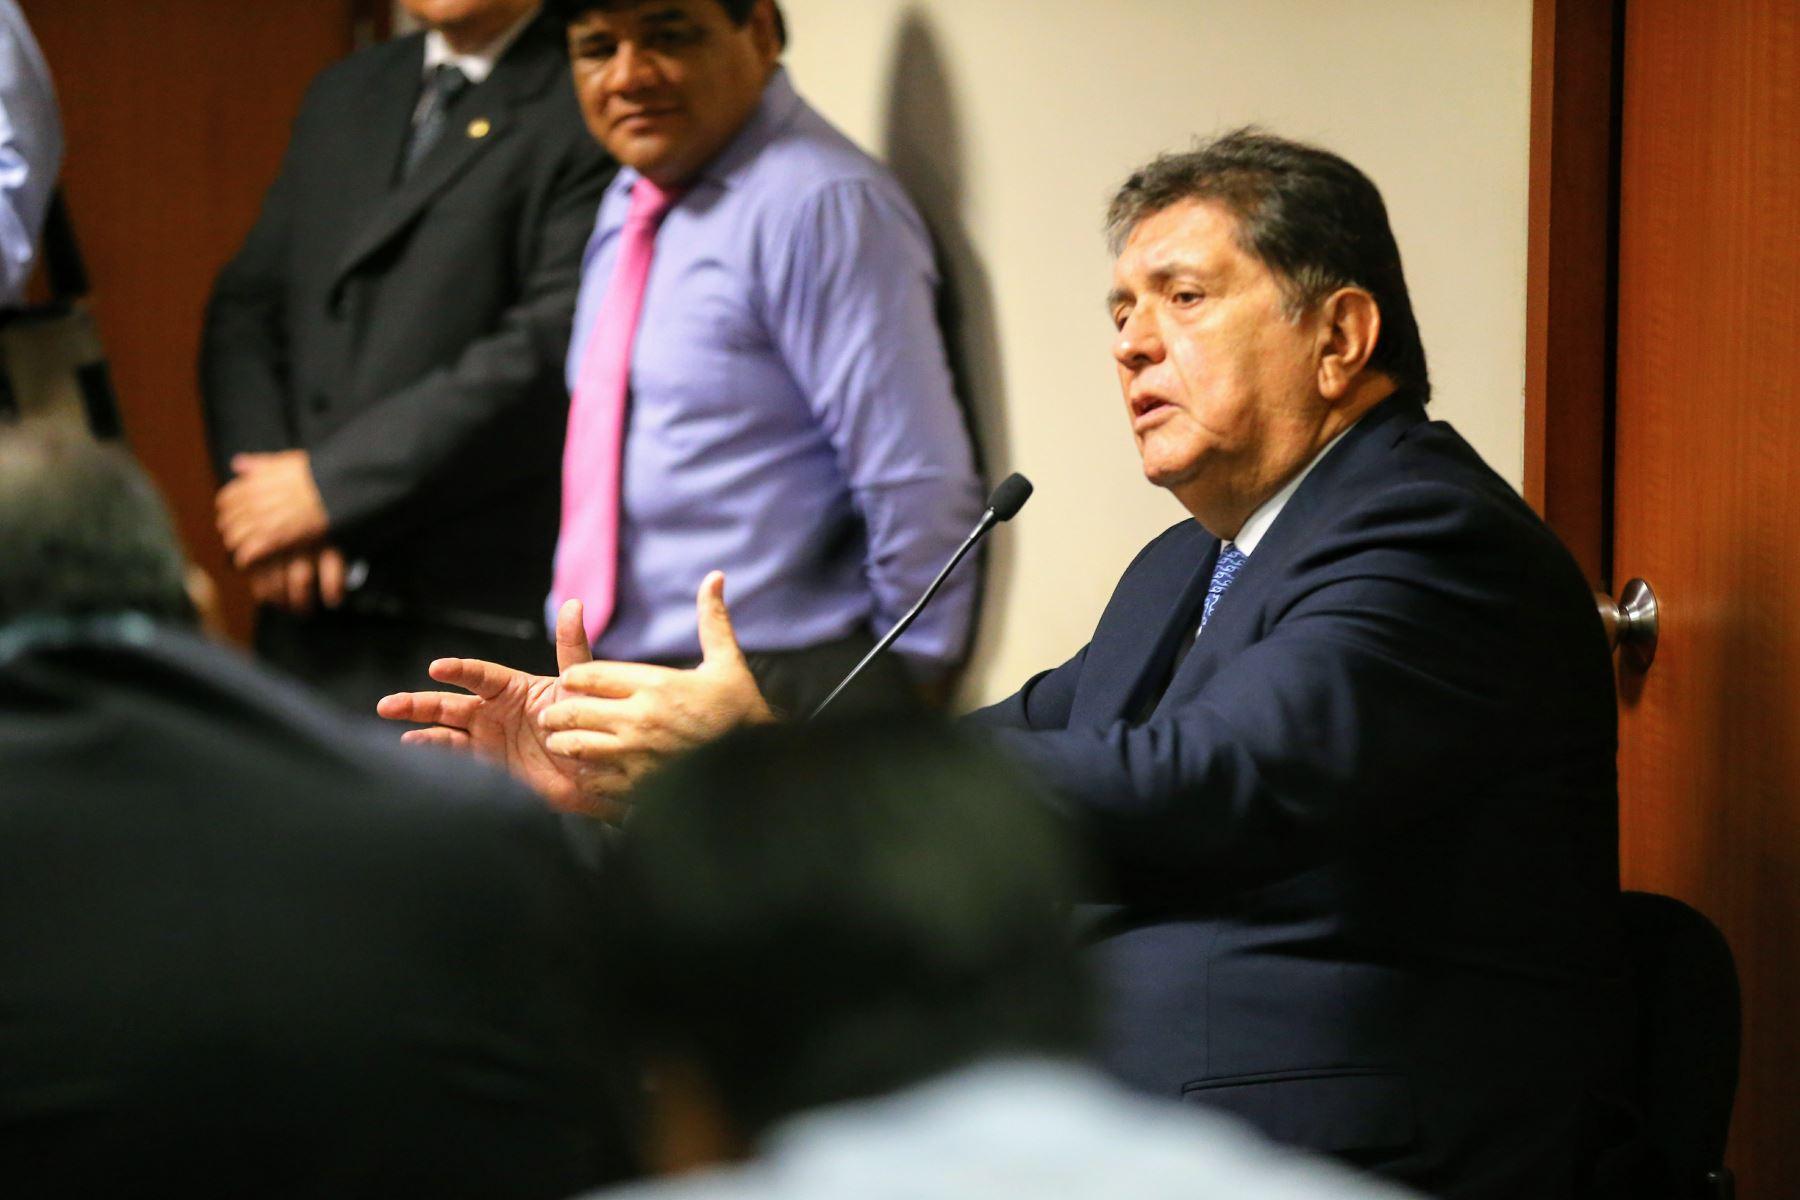 Atala confesó ante Fiscalía que actuó como testaferro de Alan García, según IDL (Andina)